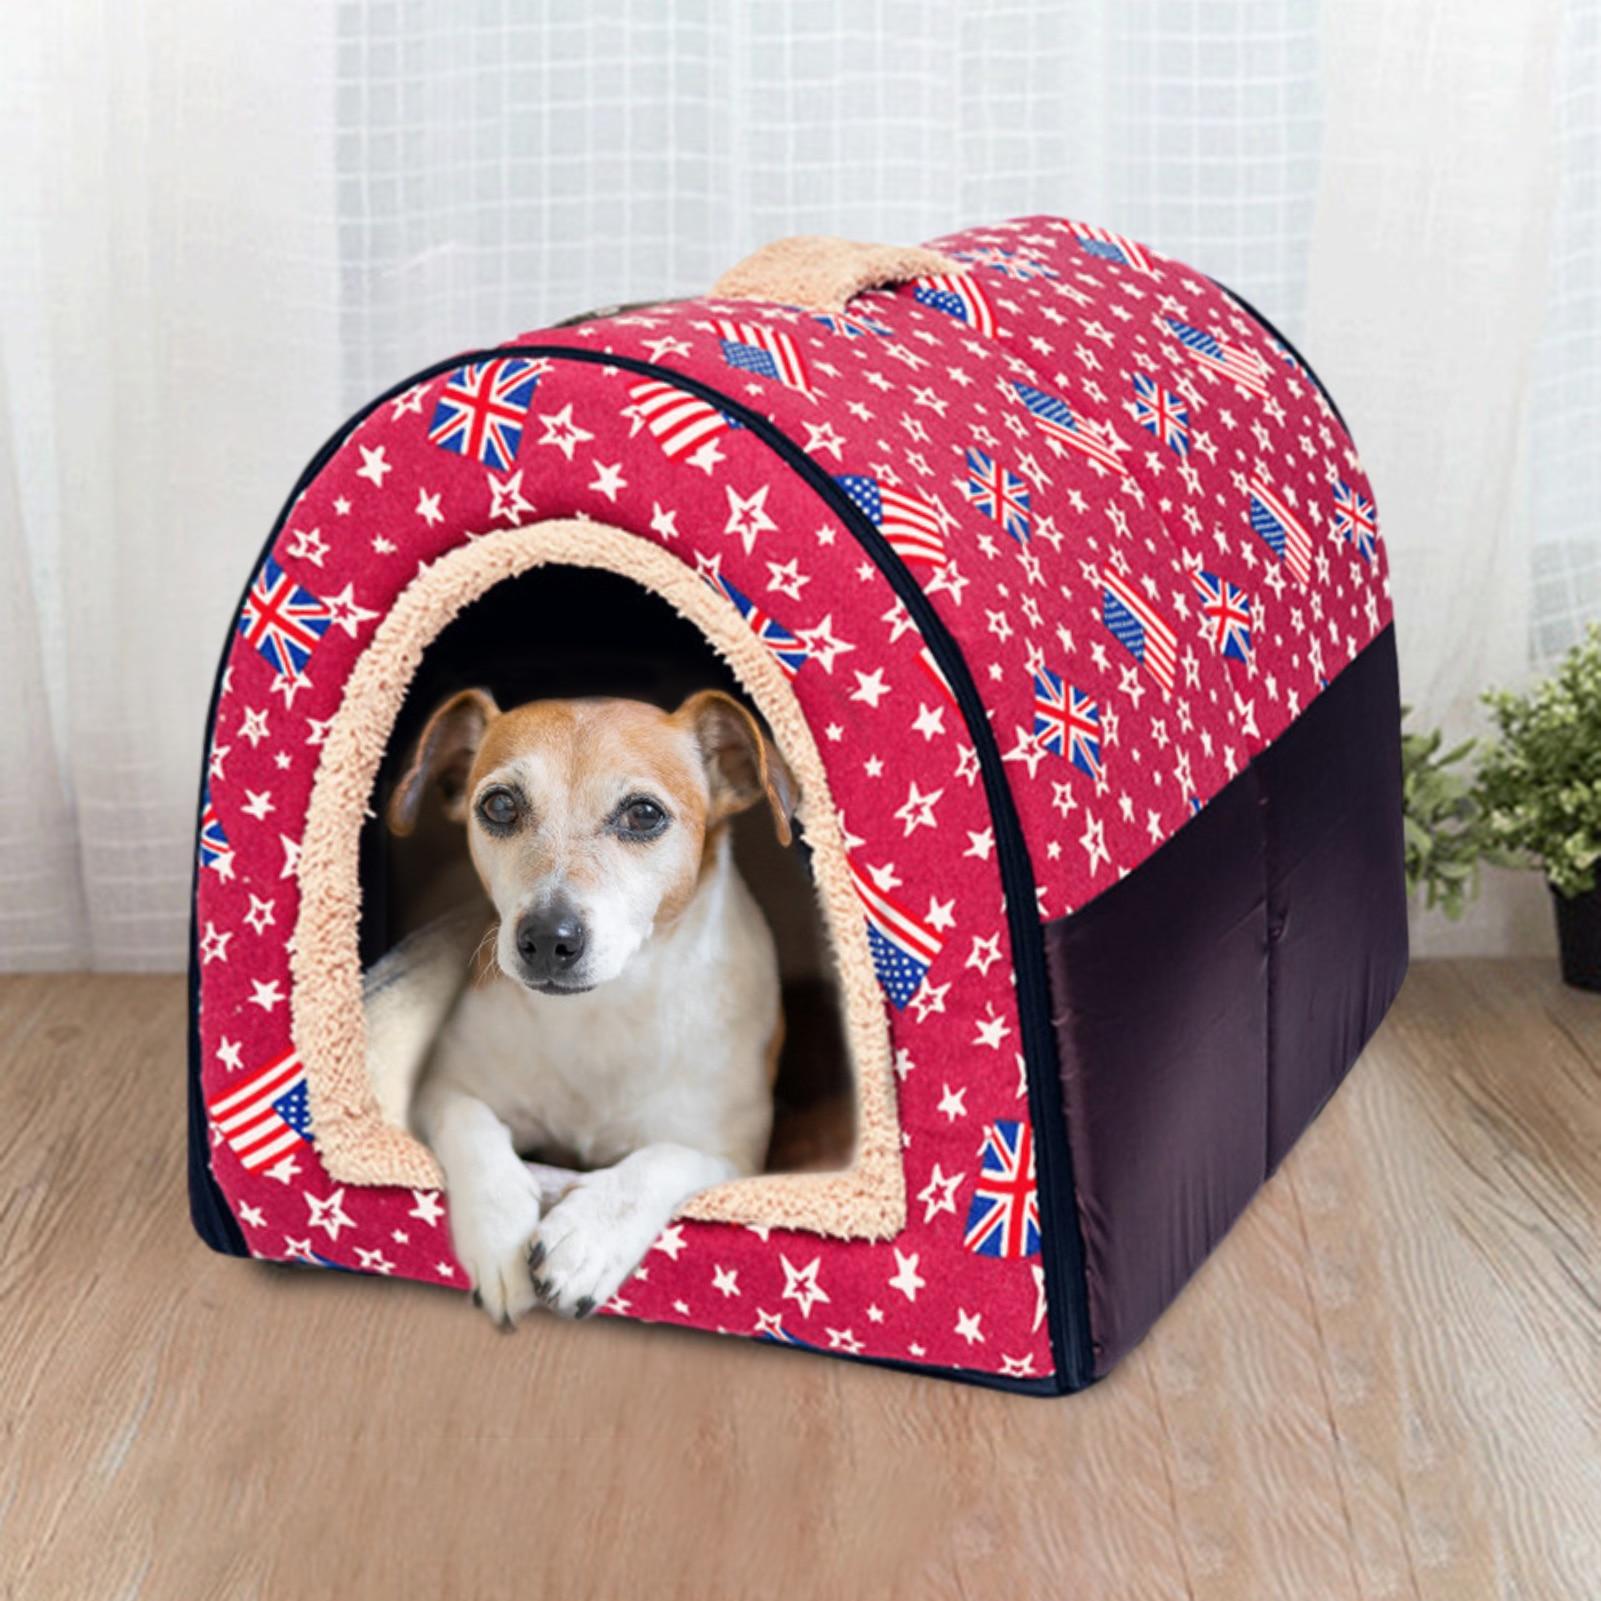 2-in-1 Katze Bett Cave Indoor Faltbare Warme Leinwand Rot Haus Kleine Hund Nest Zwinger Haustier Schlafen matten Dual-zweck Katze Bett Höhle